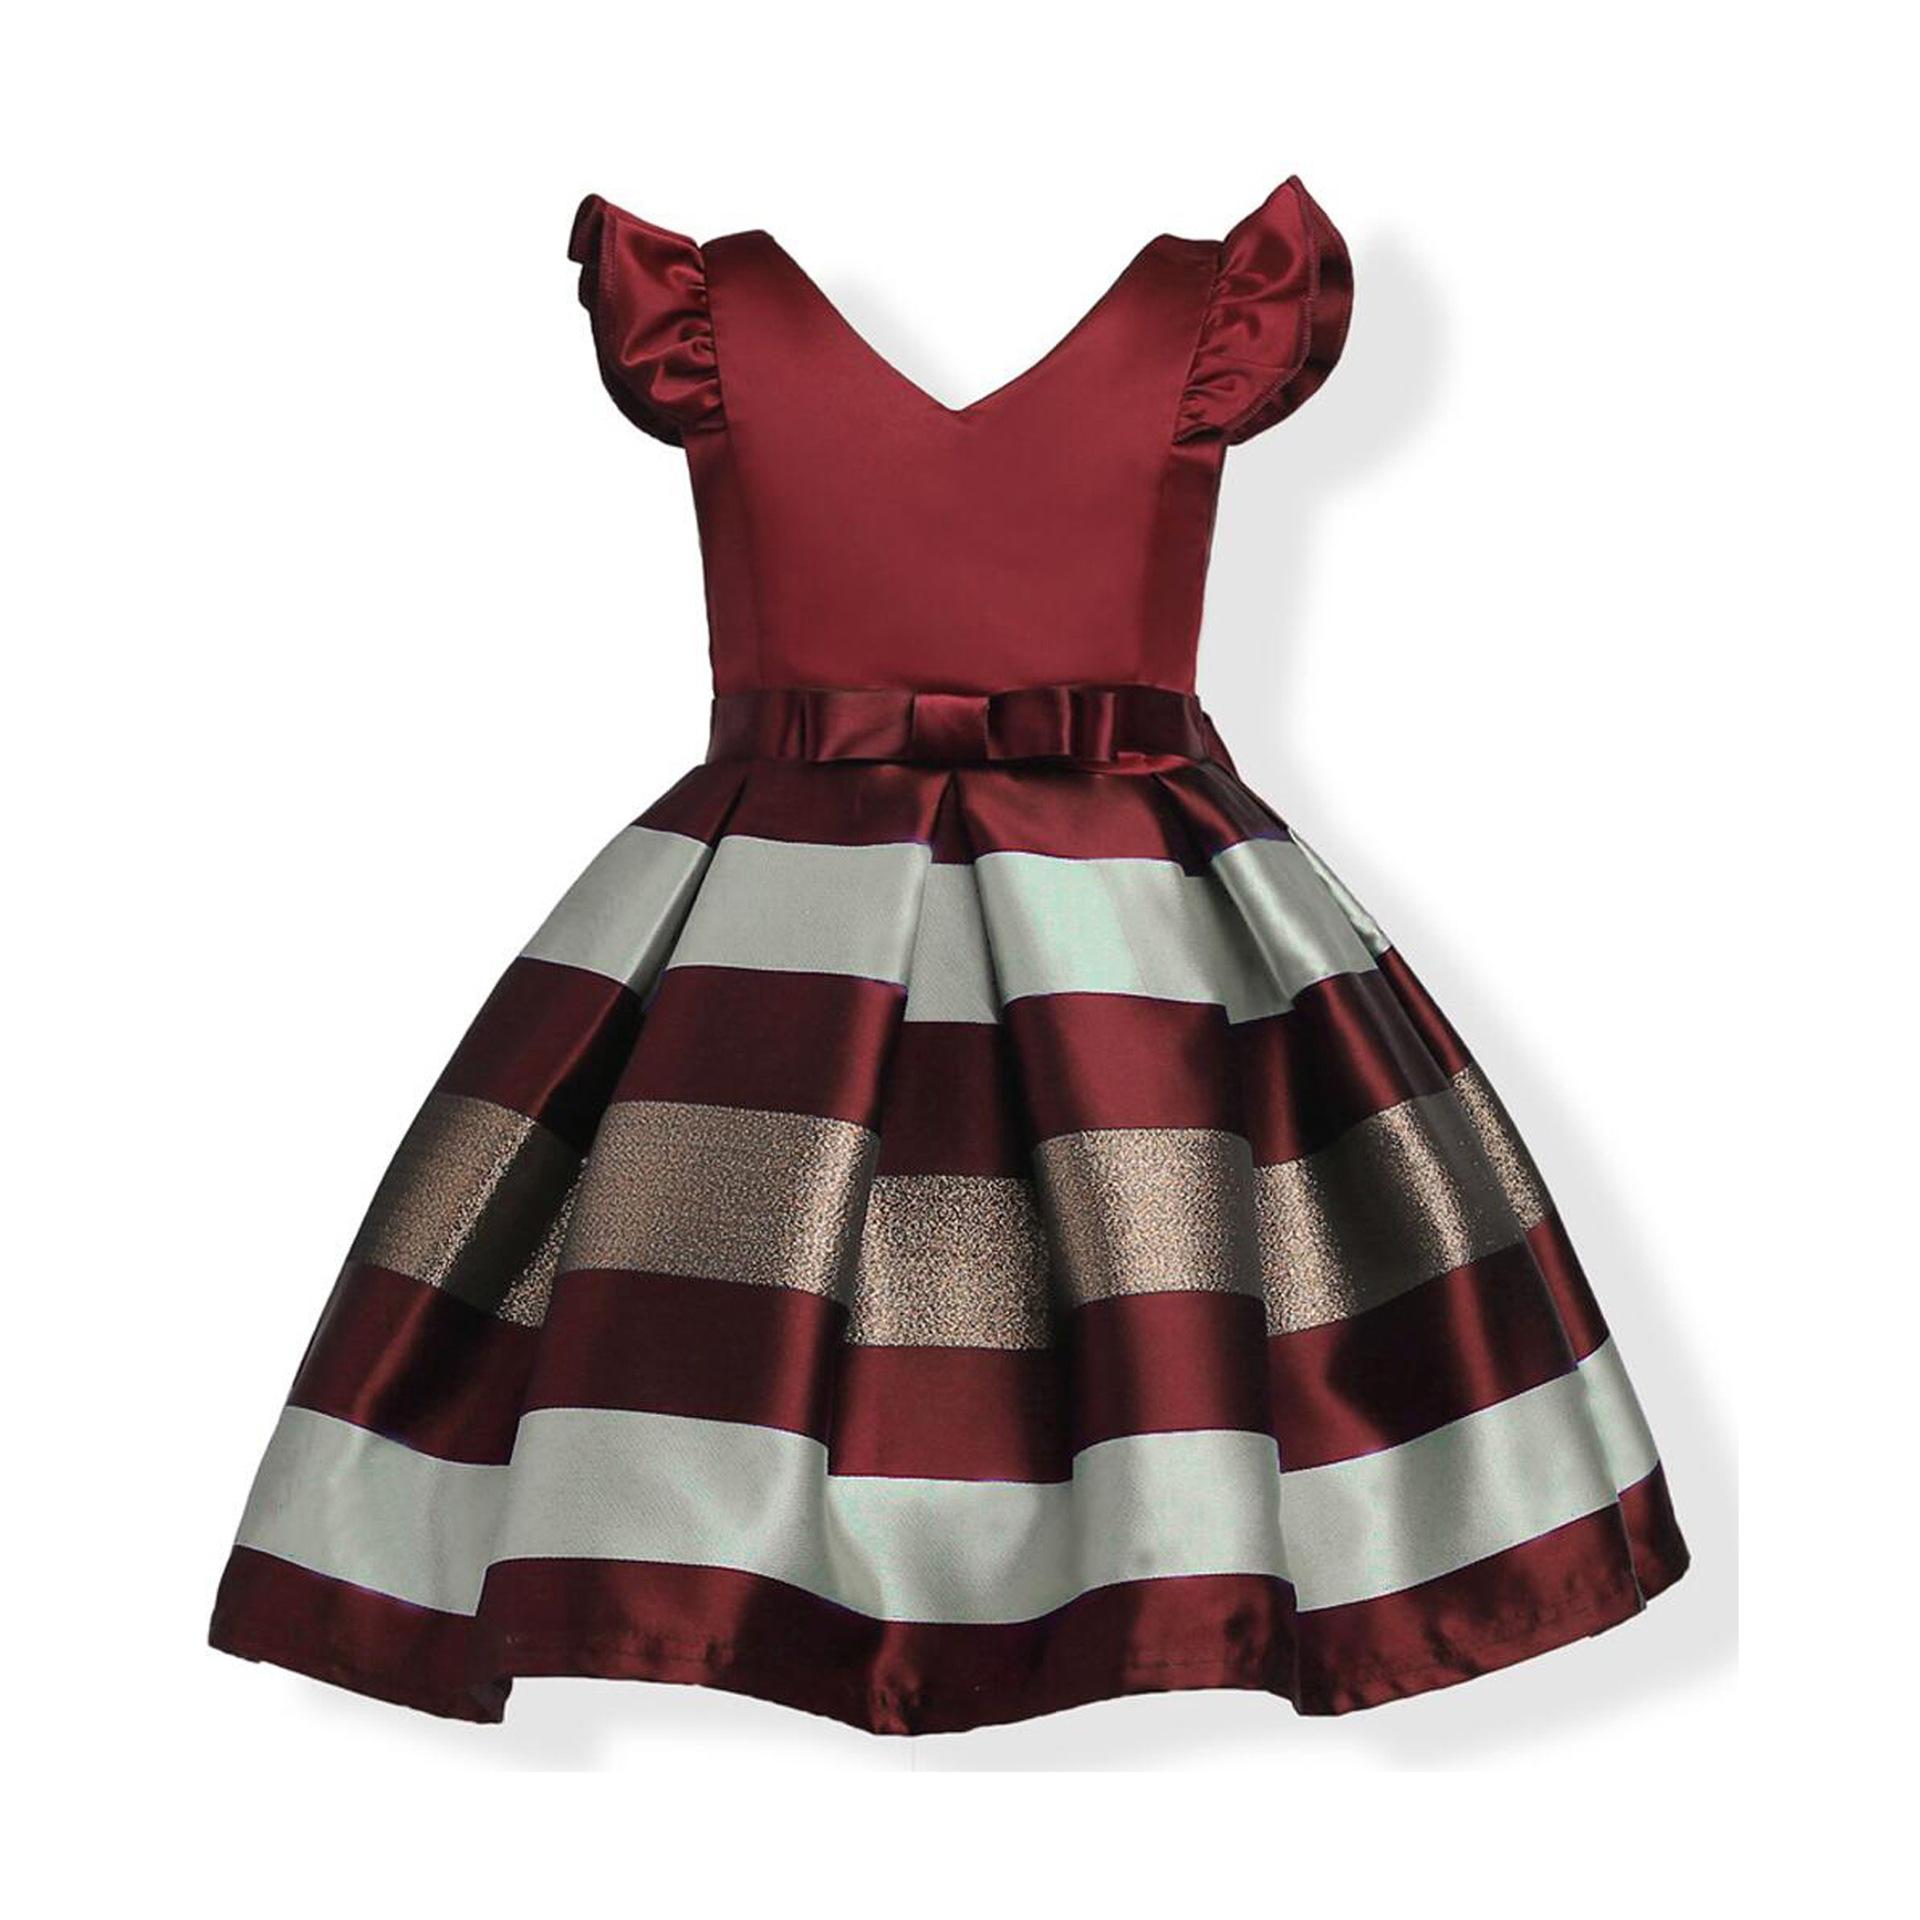 跨境亚马逊童装欧美女童连衣裙外贸儿童定制礼服裙公主裙一件代发